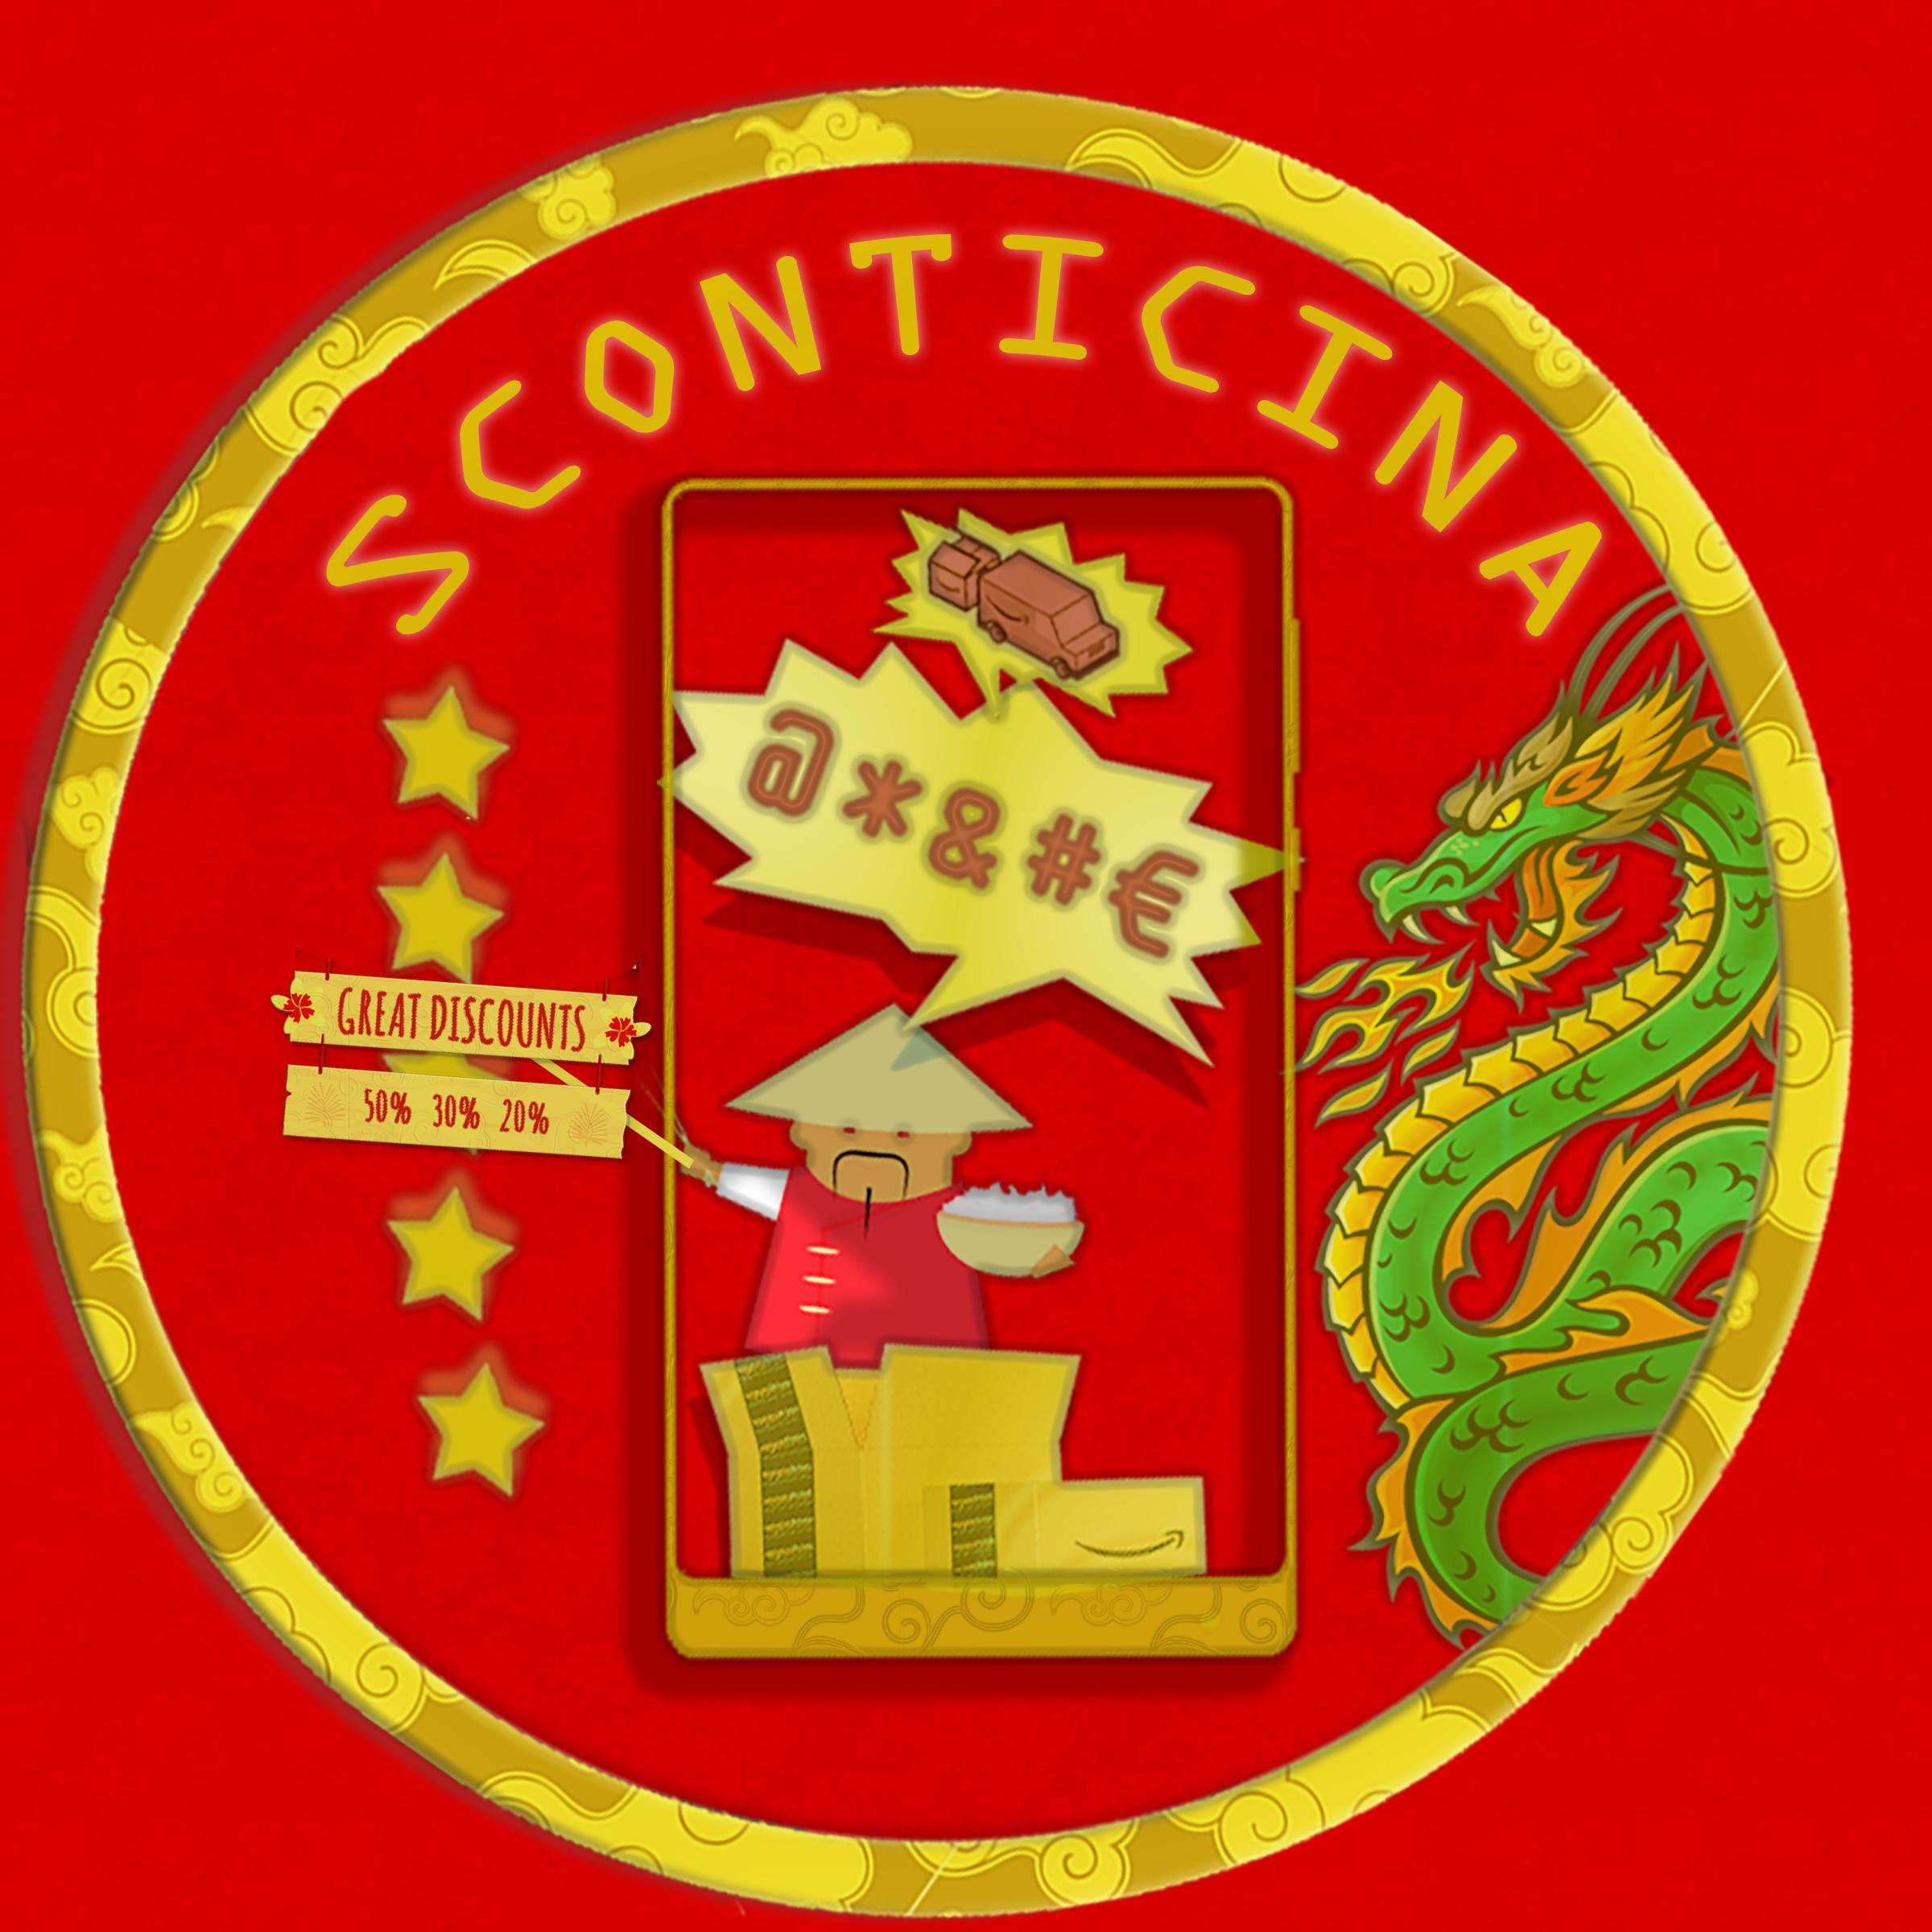 Avatar - Sconticina